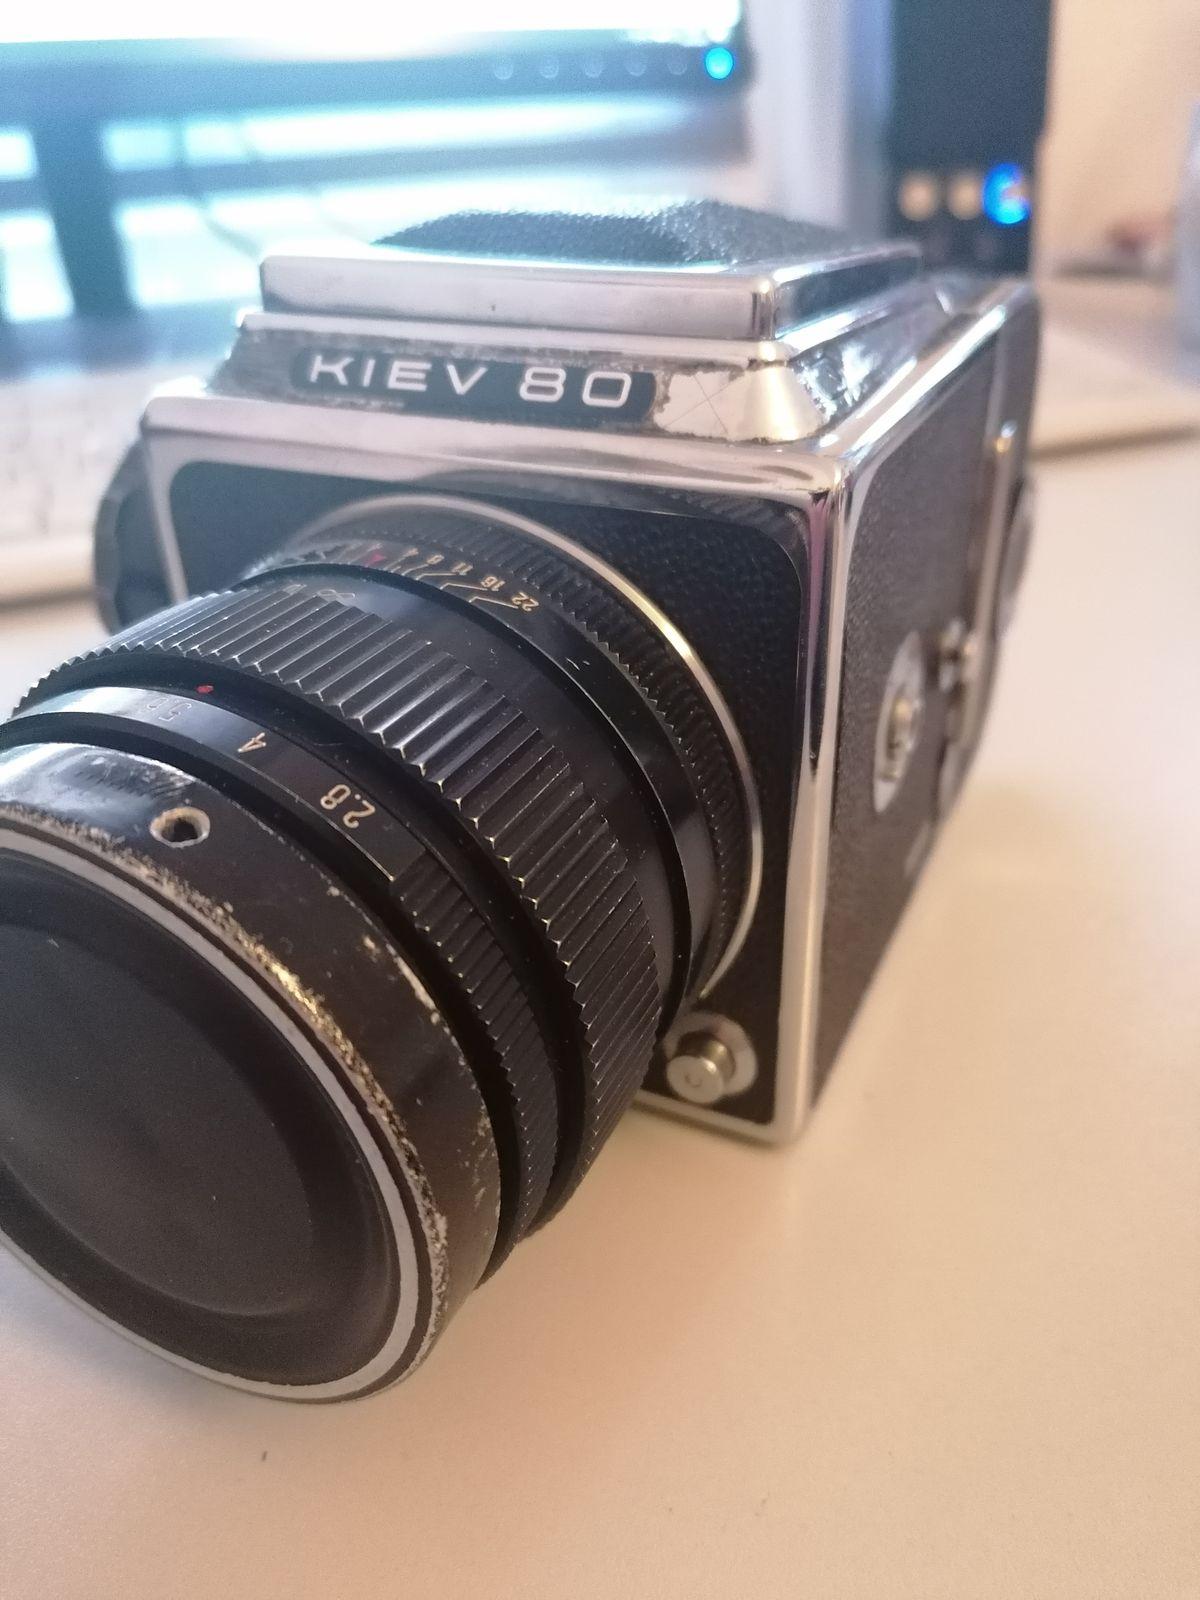 Kiev80, meine russische Mittelformatkamera